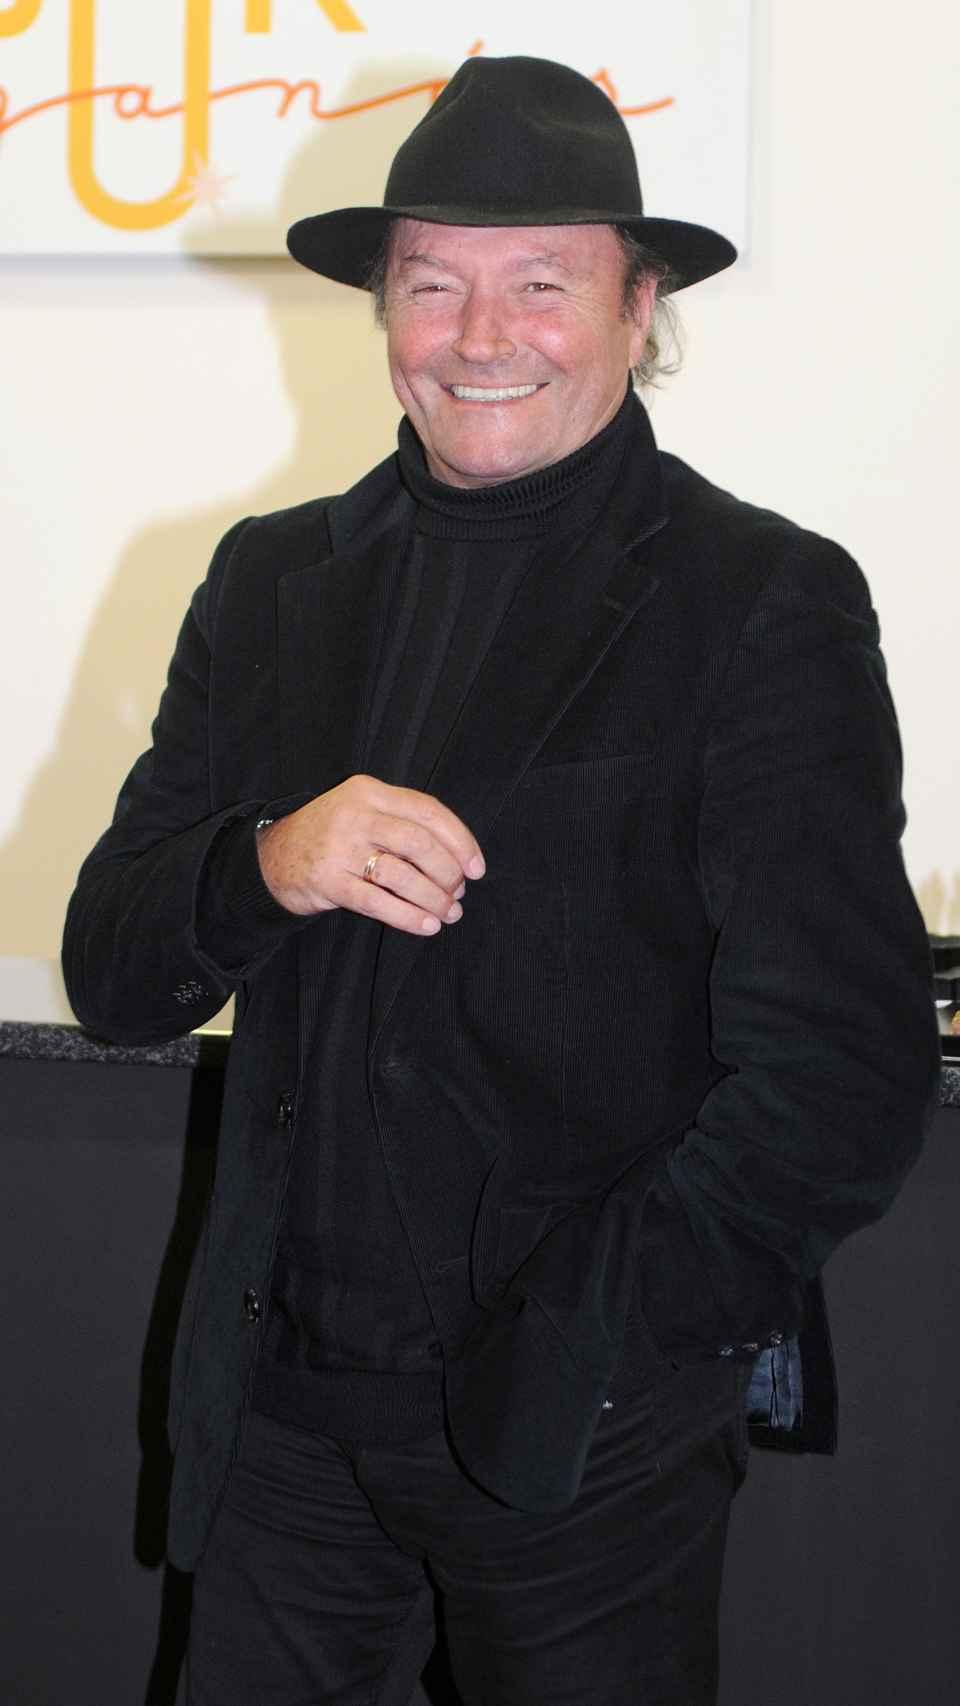 Amador Mohedano en la inauguración de una sala de juegos en el año 2018.